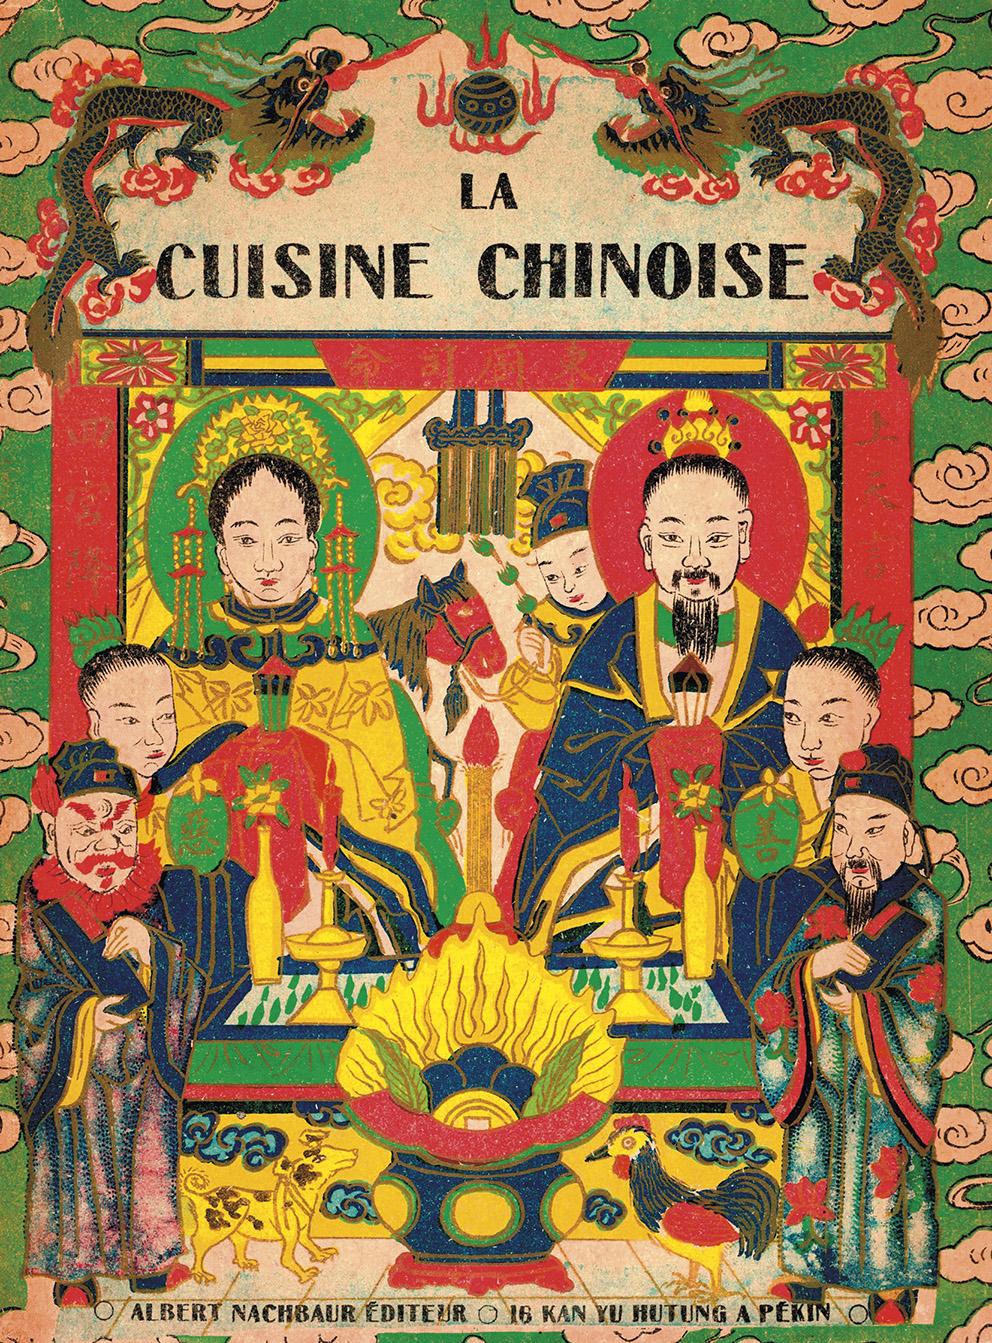 Henri Lecourt, La Cuisine chinoise, Pékin, Albert Nachbaur, 1925 (librairie Gastéréa).